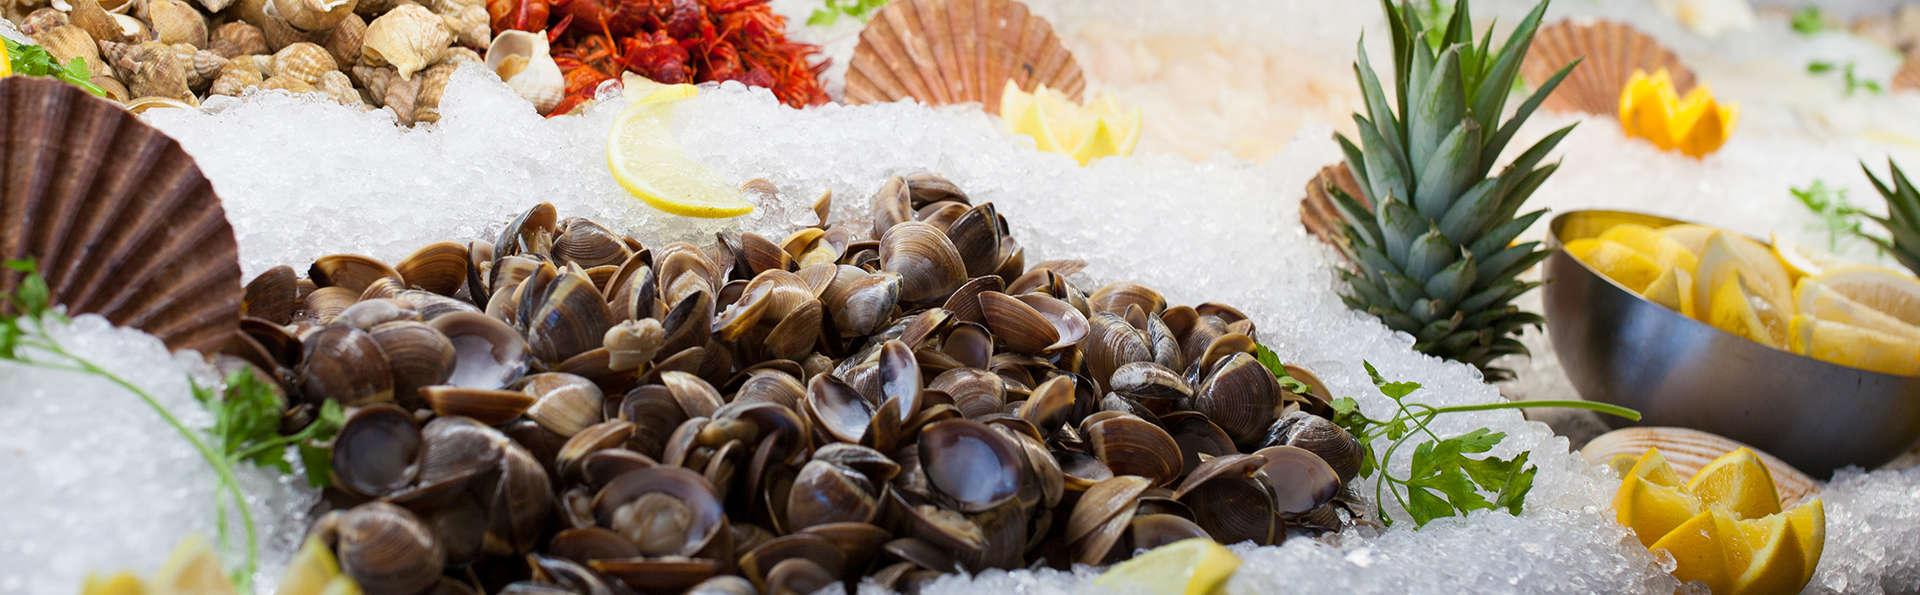 Découvrez Navarre: live-cooking, visite d'un domaine viticole, dégustation de vins et sauna (2nuits)